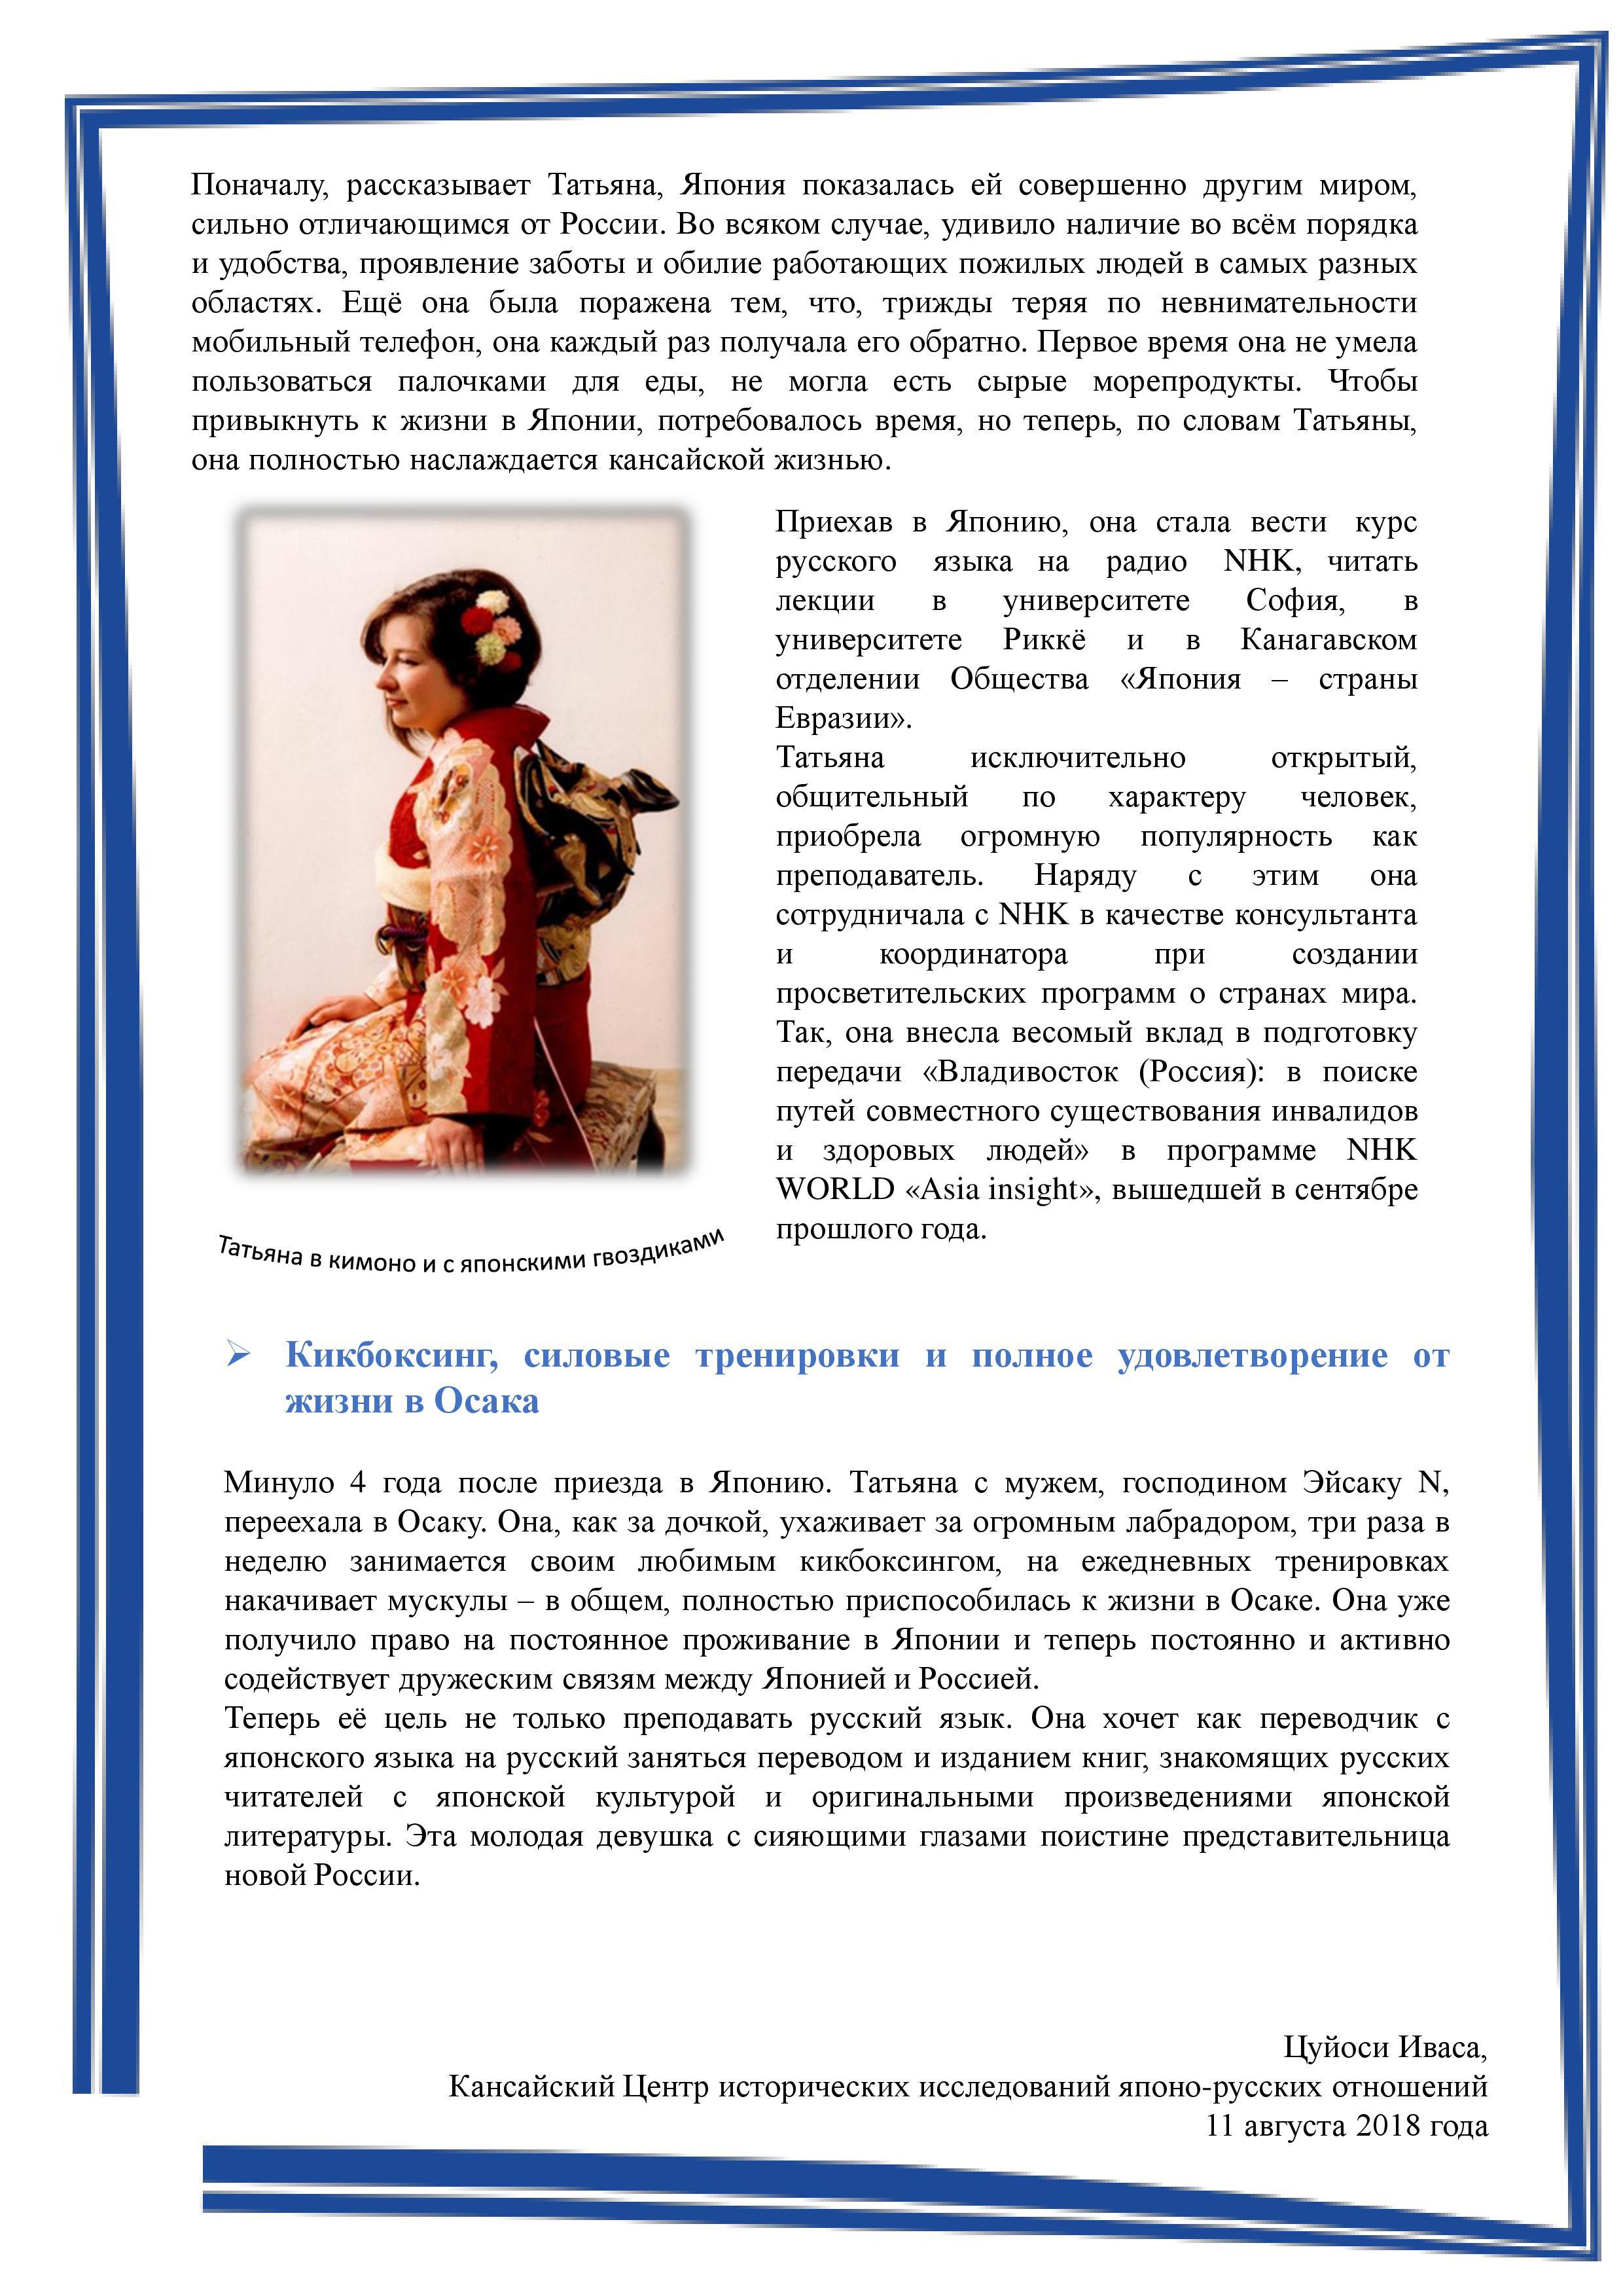 キックボクシング、筋肉トレーニングに励む異色のロシア語講師・タチアーナさん (ロシア語版)rev Tat 2